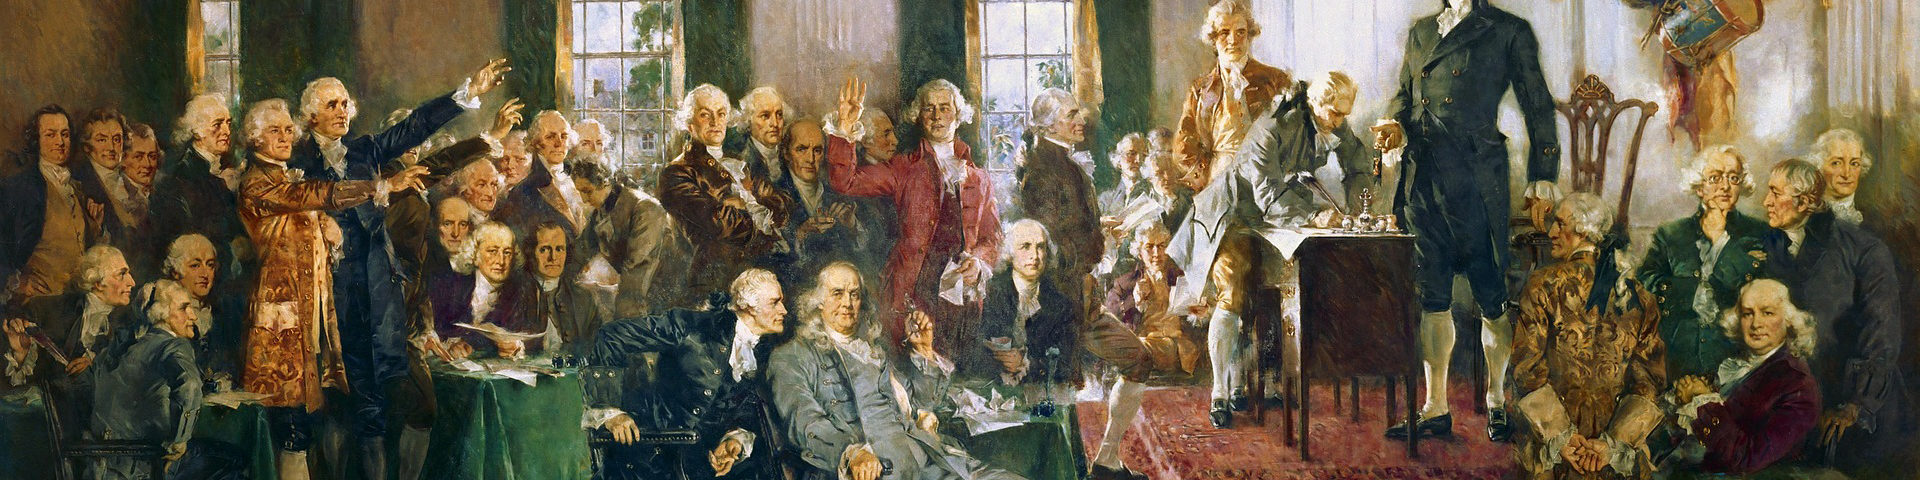 конституция сша скачать